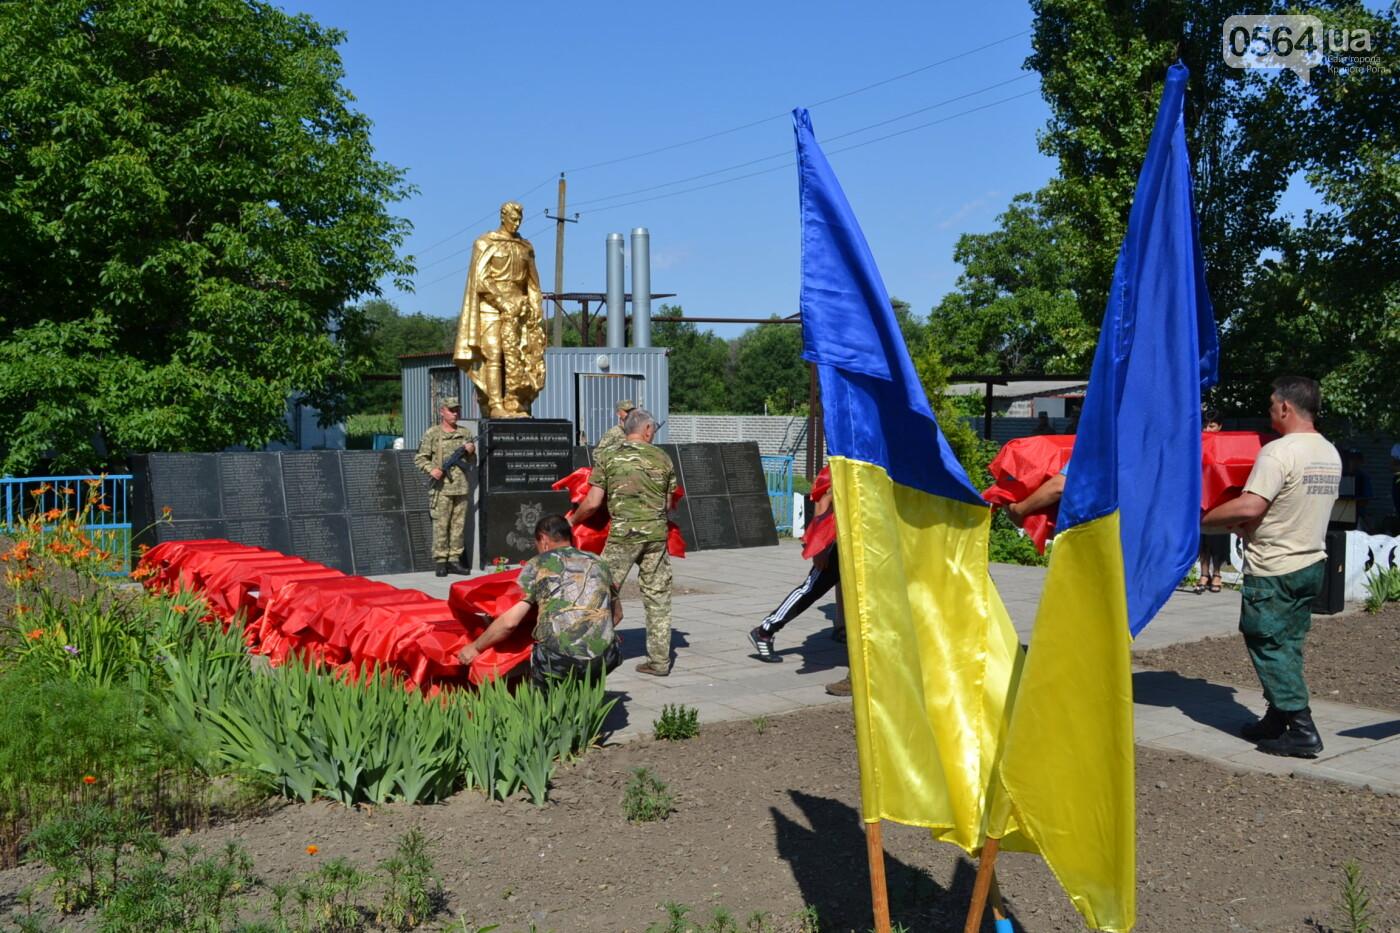 Вечная память! На Криворожье торжественно захоронили останки 43 воинов Второй мировой, - ФОТО, ВИДЕО, фото-5